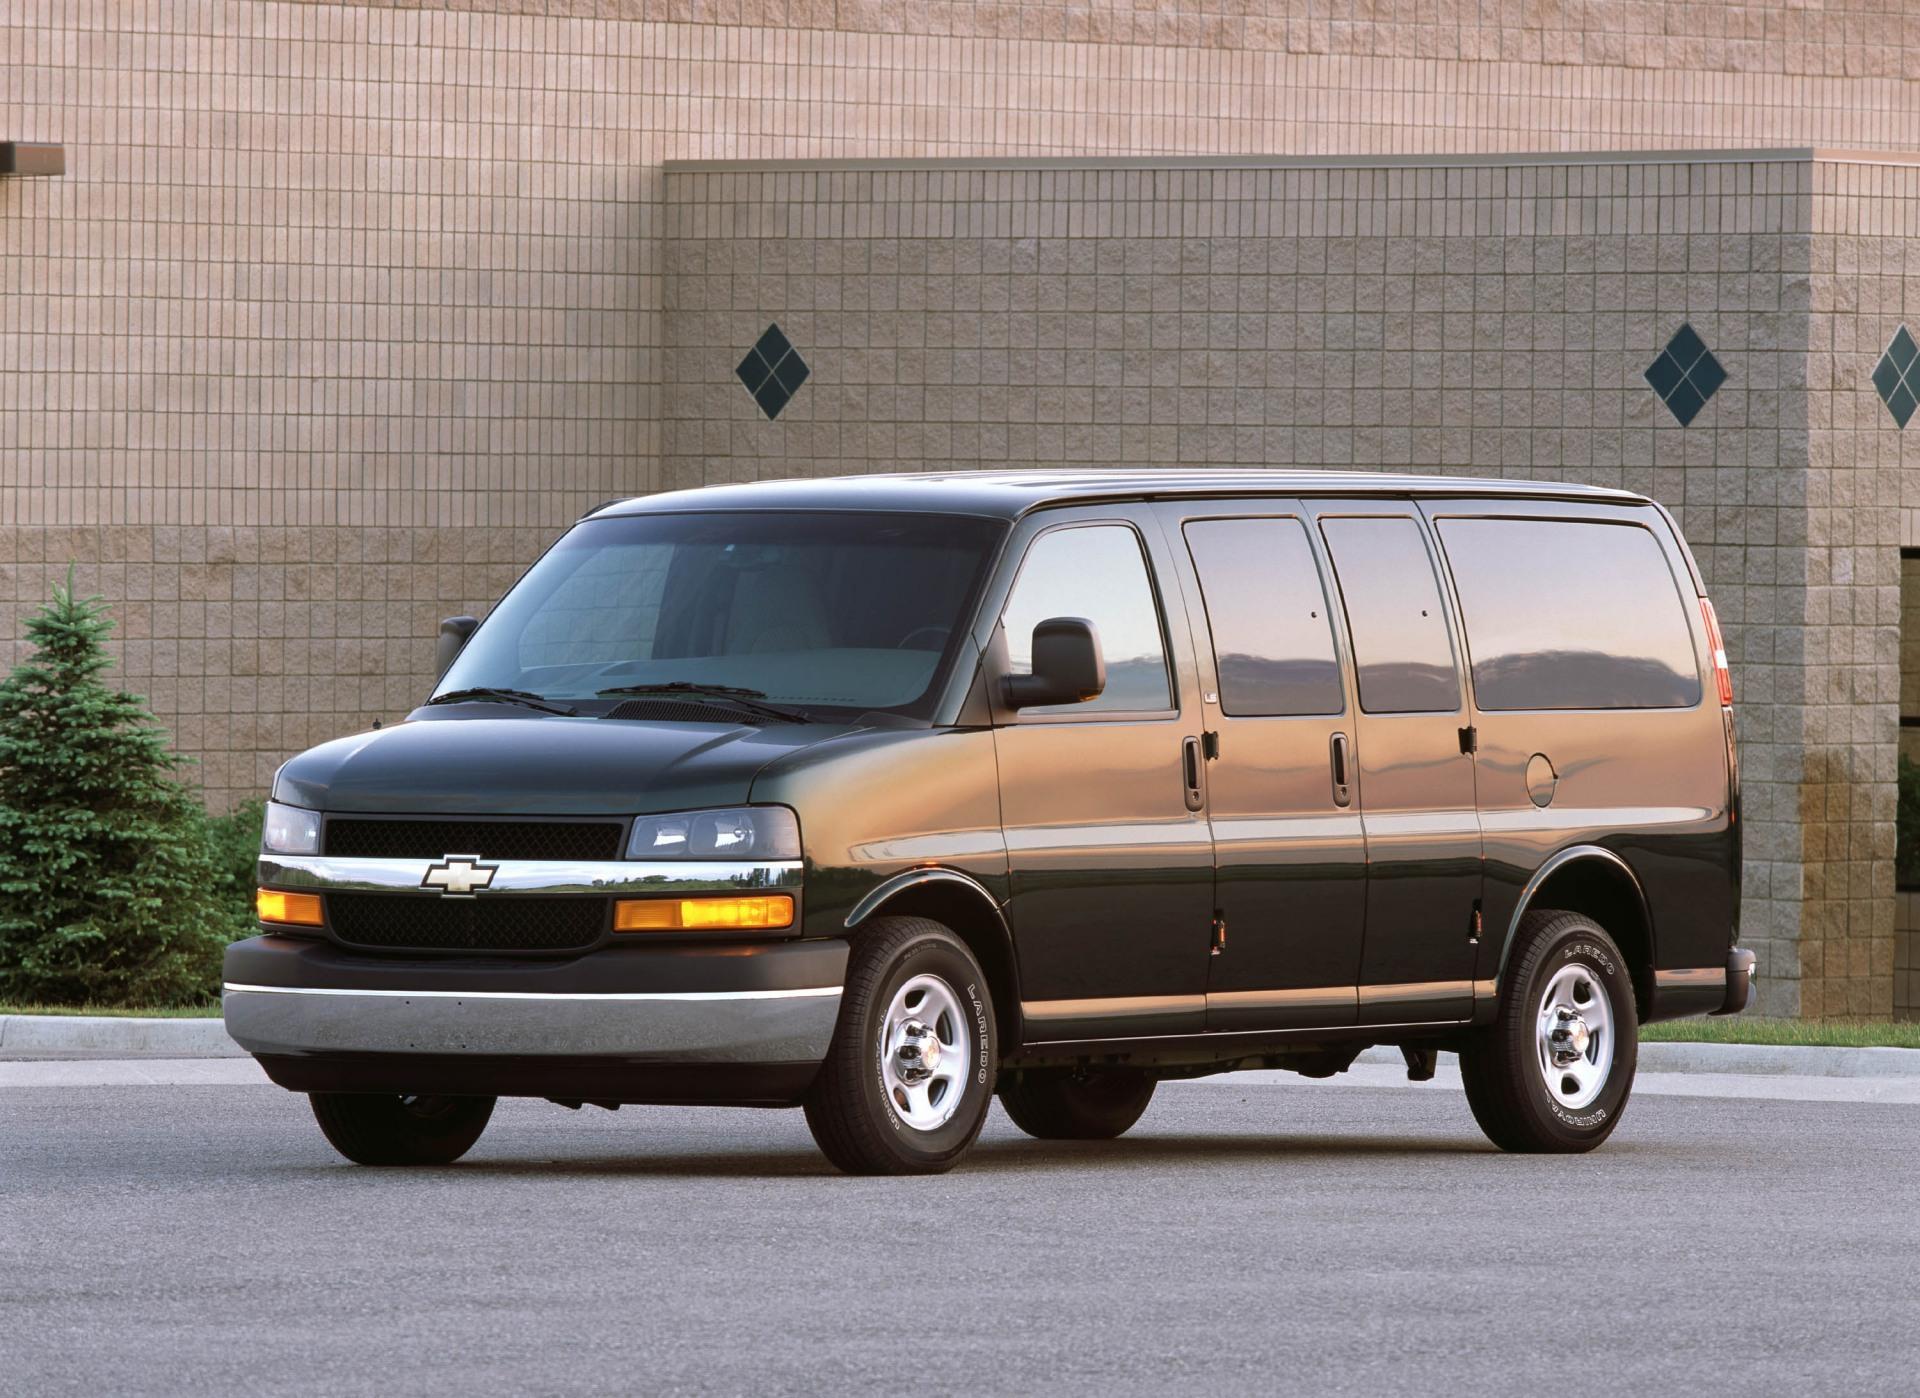 2001 Chevy Express Cargo Van